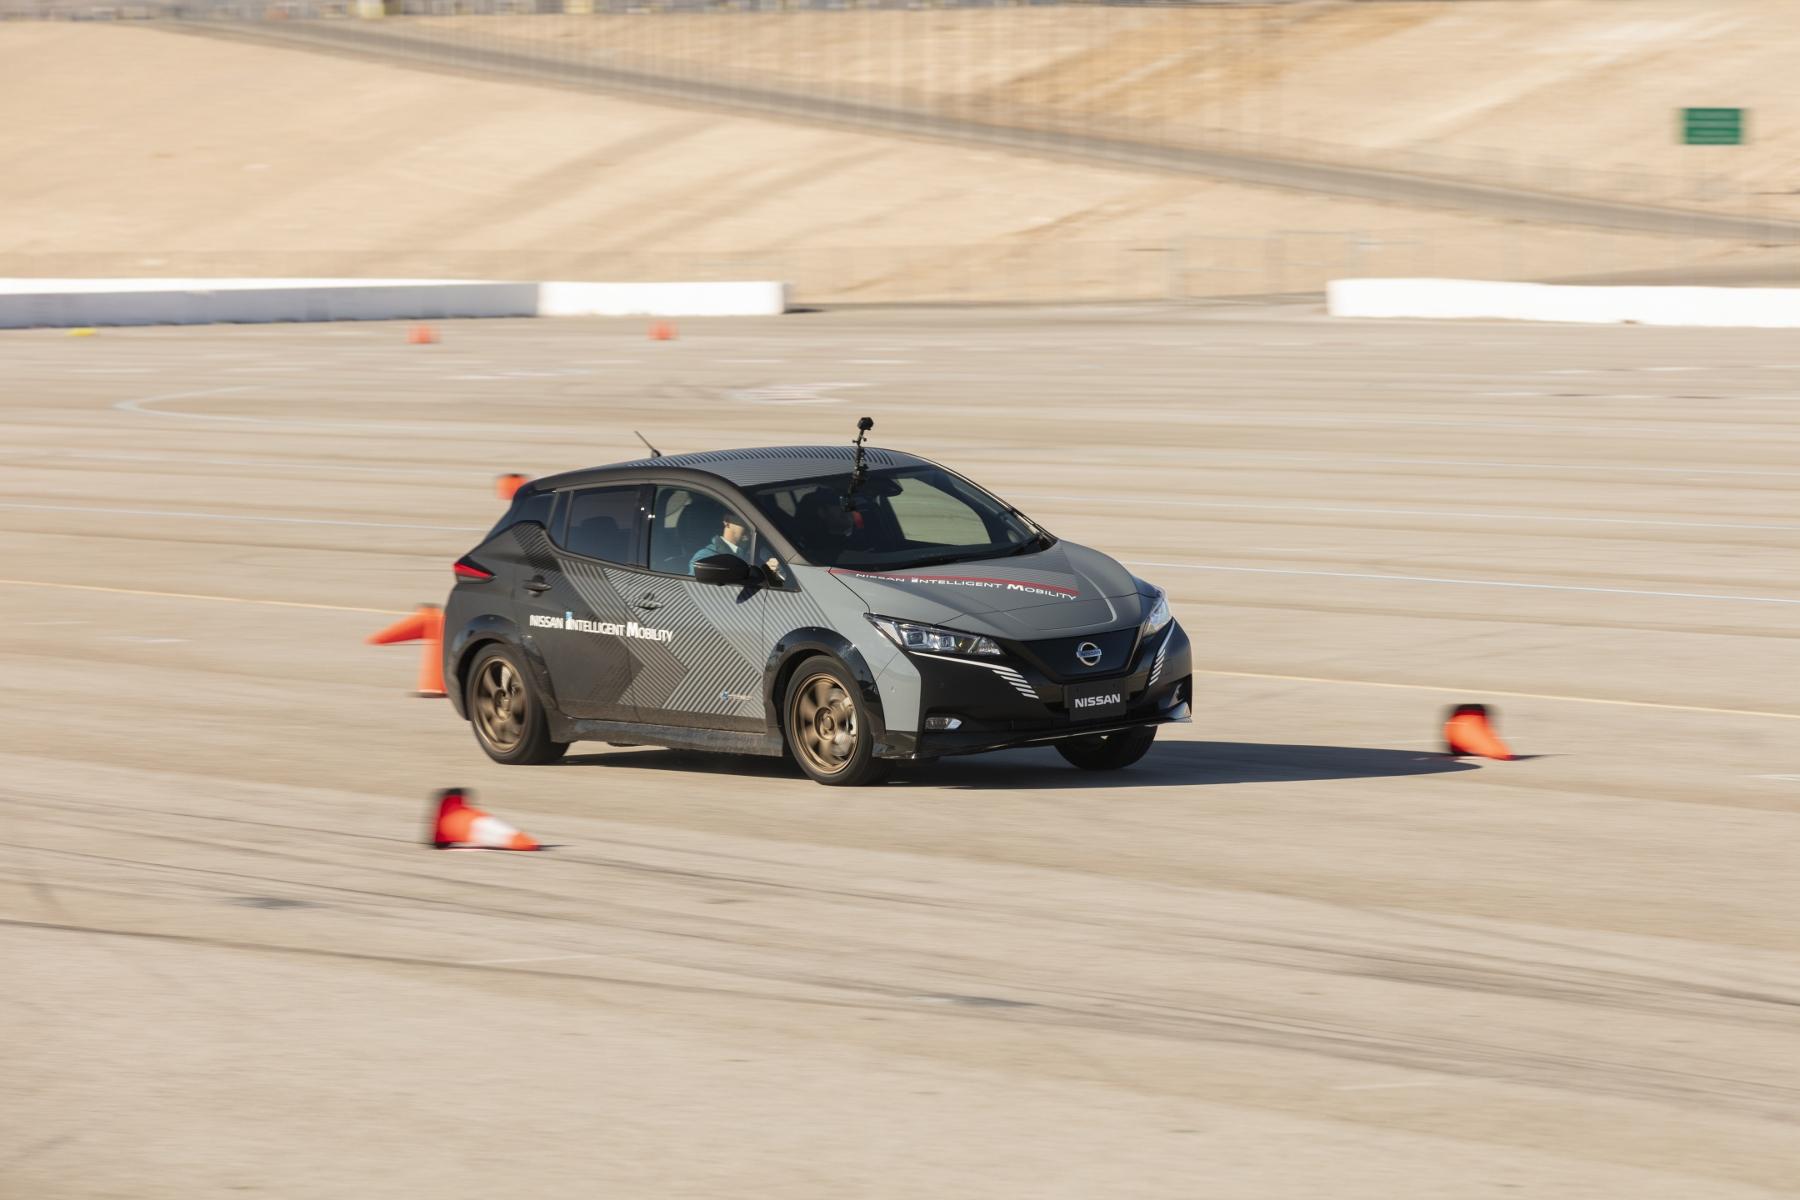 Nissan prichádza s revolučným elektrickým pohonom všetkých kolies MsrDIIXvA6 nissan-leaf-prototyp-5